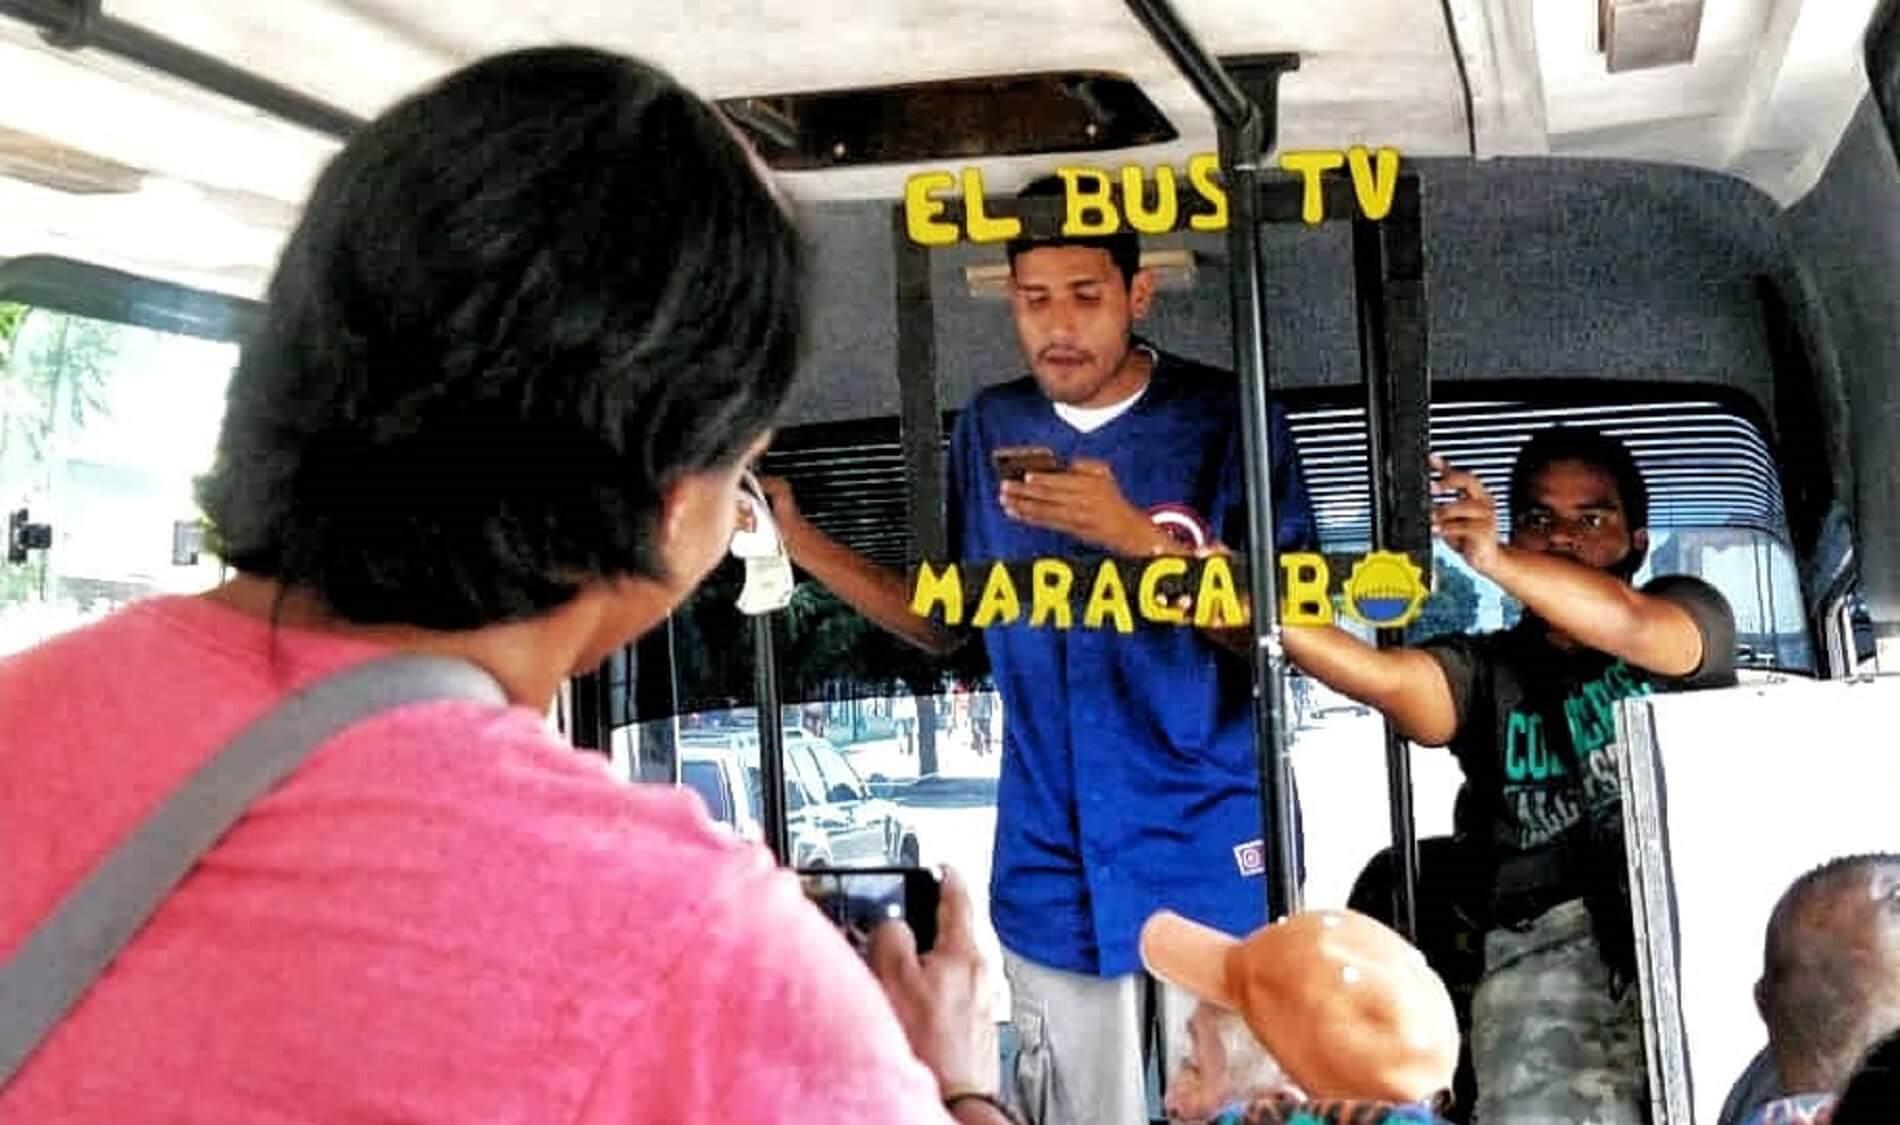 el bus tv maracaibo la verdad